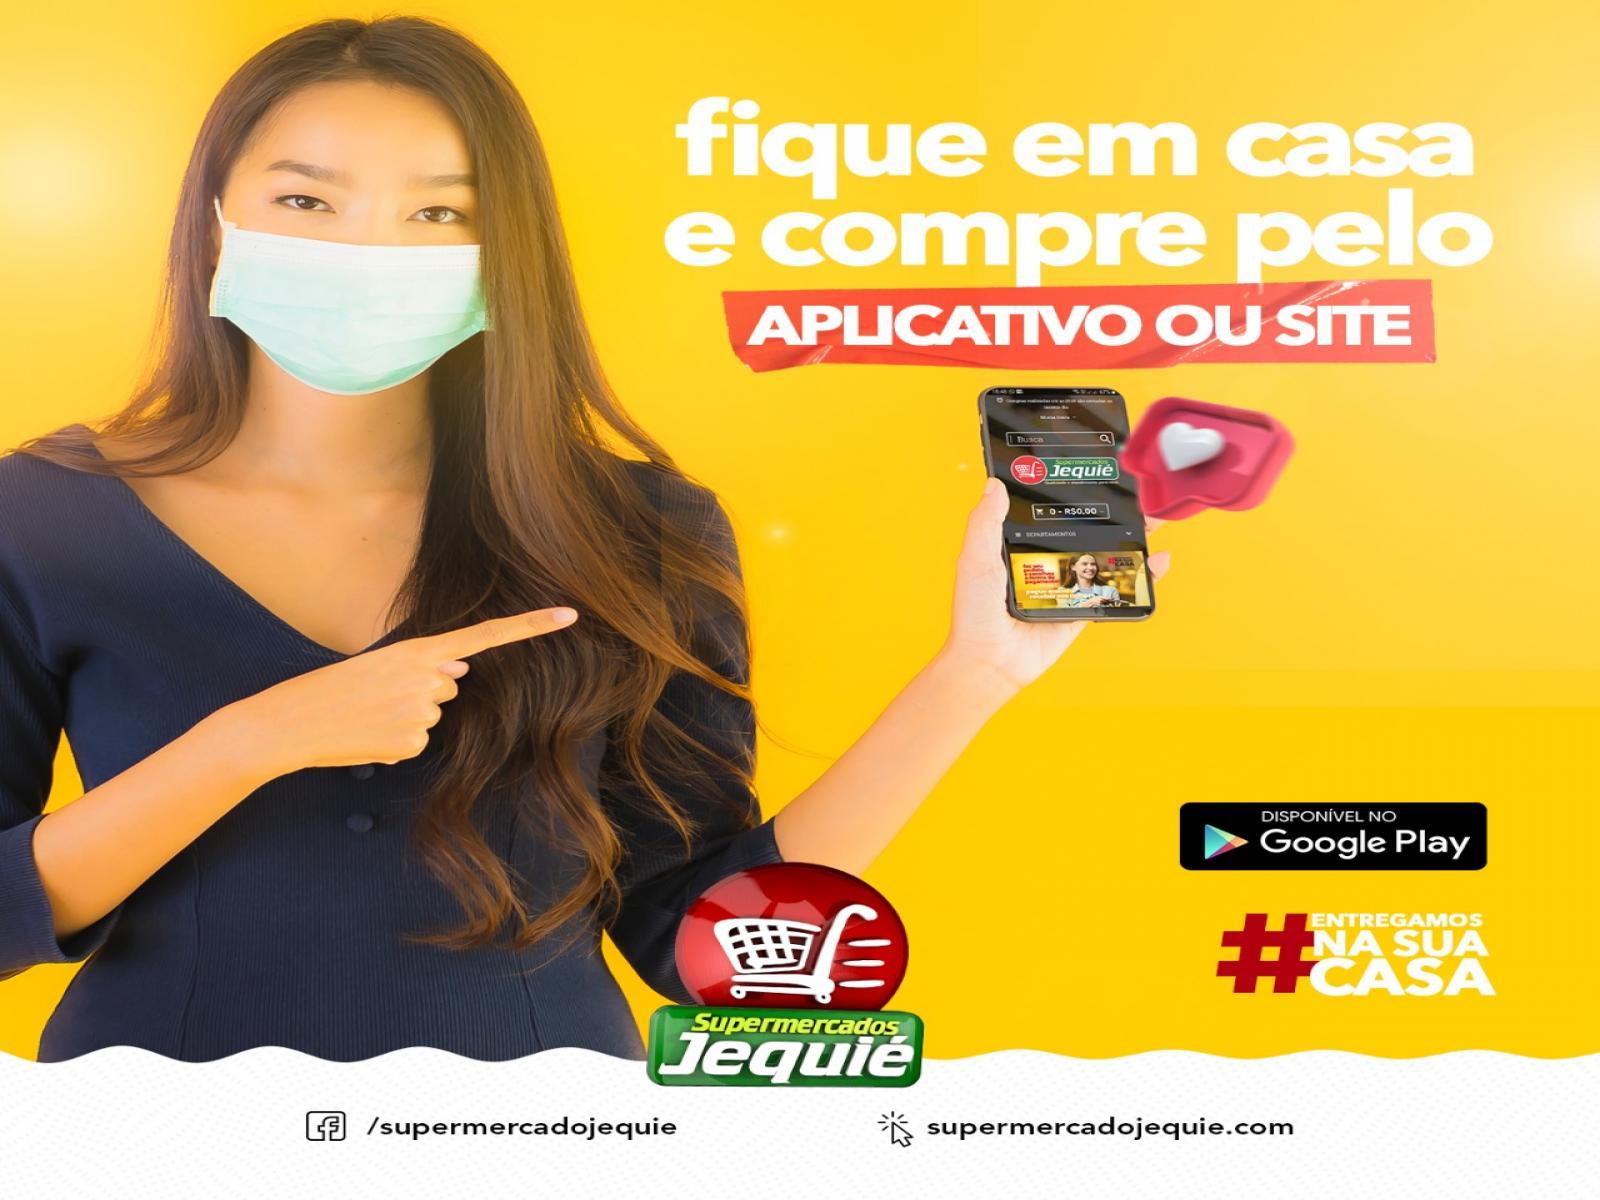 Compre no Supermercado Jequié usando PIX